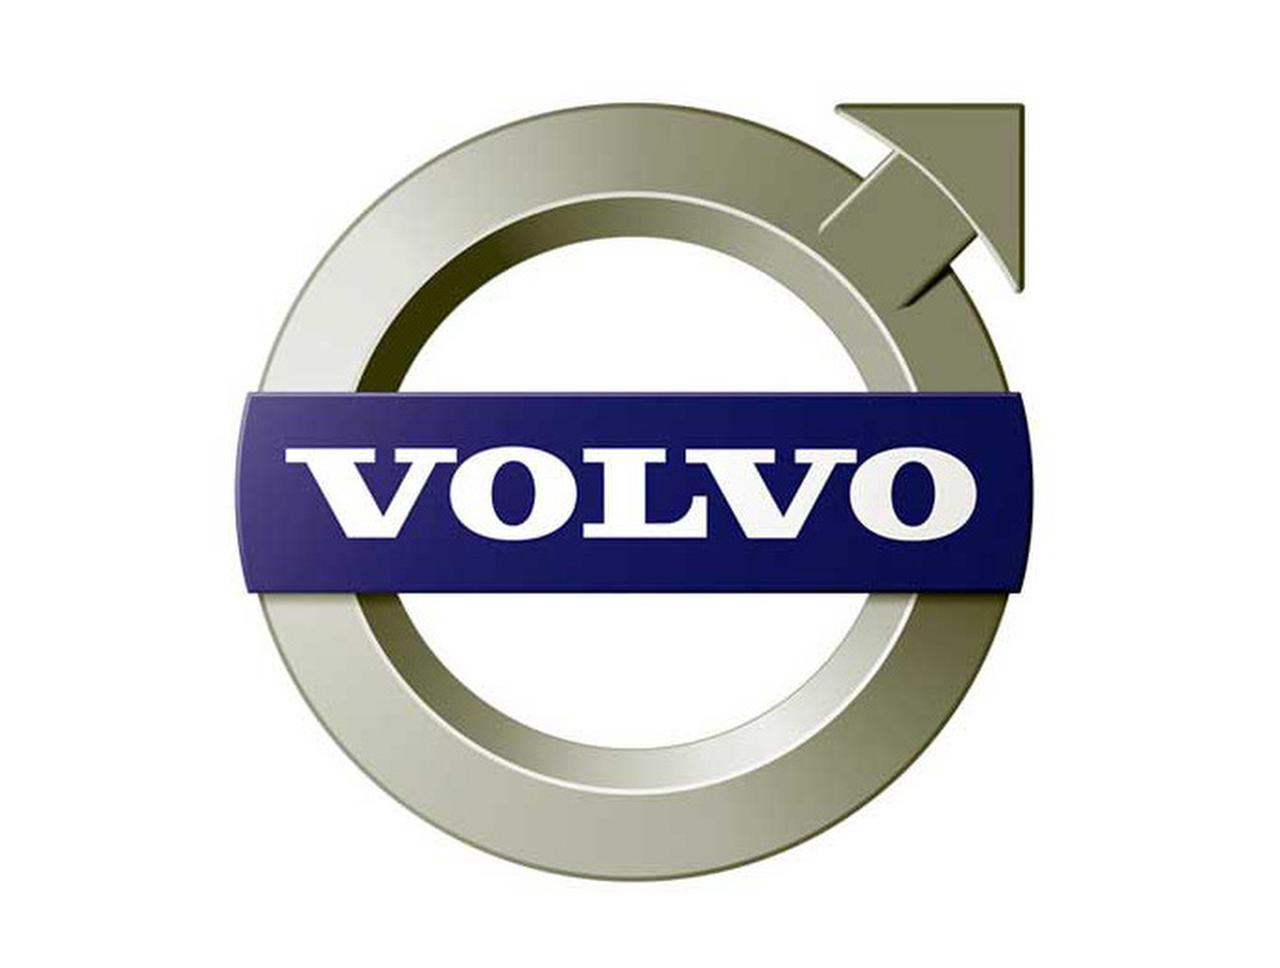 https://0201.nccdn.net/4_2/000/000/01e/20c/volvo-logo1.jpg